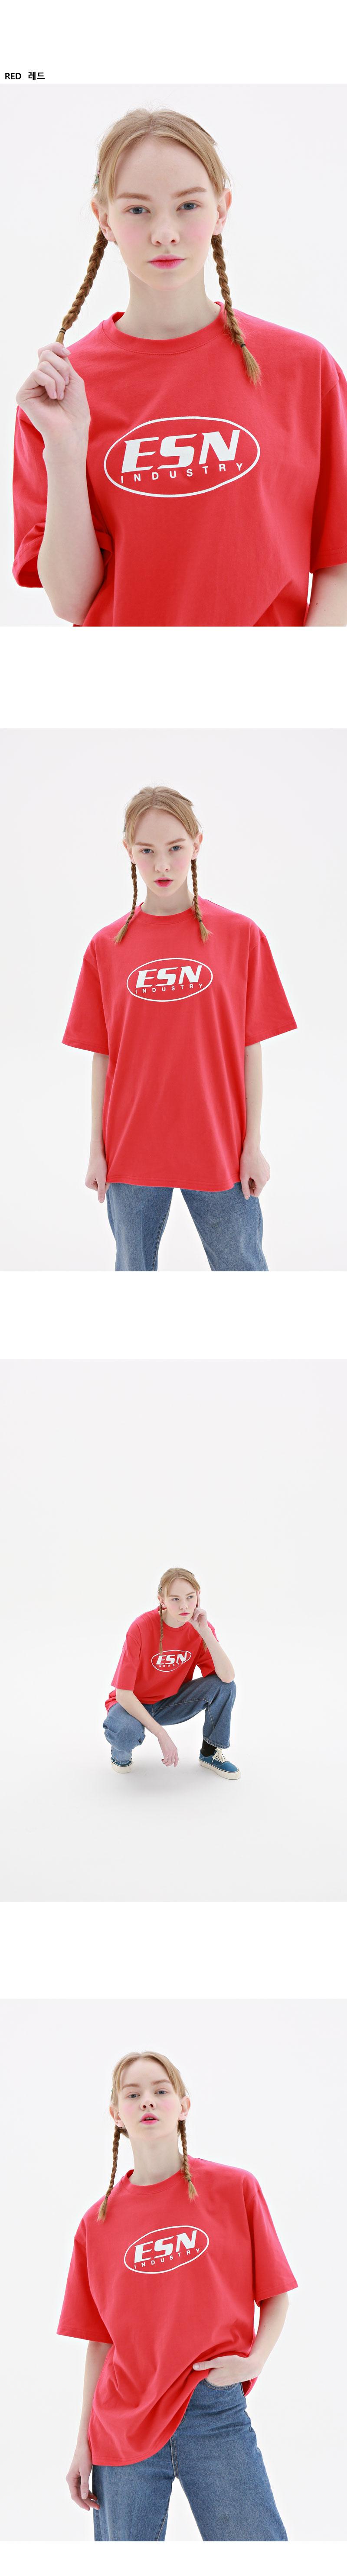 이에스엔(ESN) 오벌 프린팅 반팔 티셔츠 블루